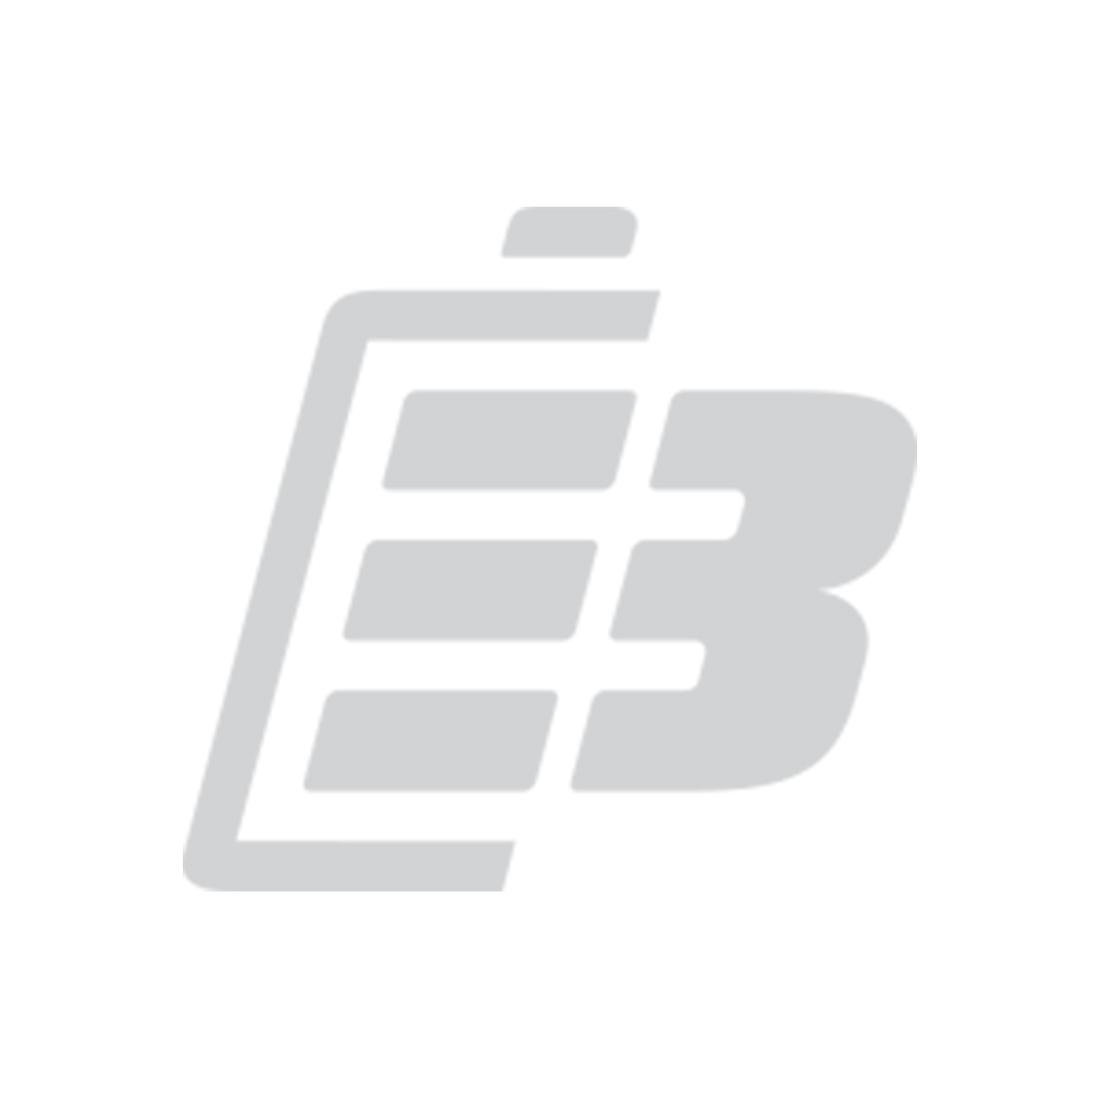 Μπαταρία GPS Asus S102 Multimedia Navigator_1